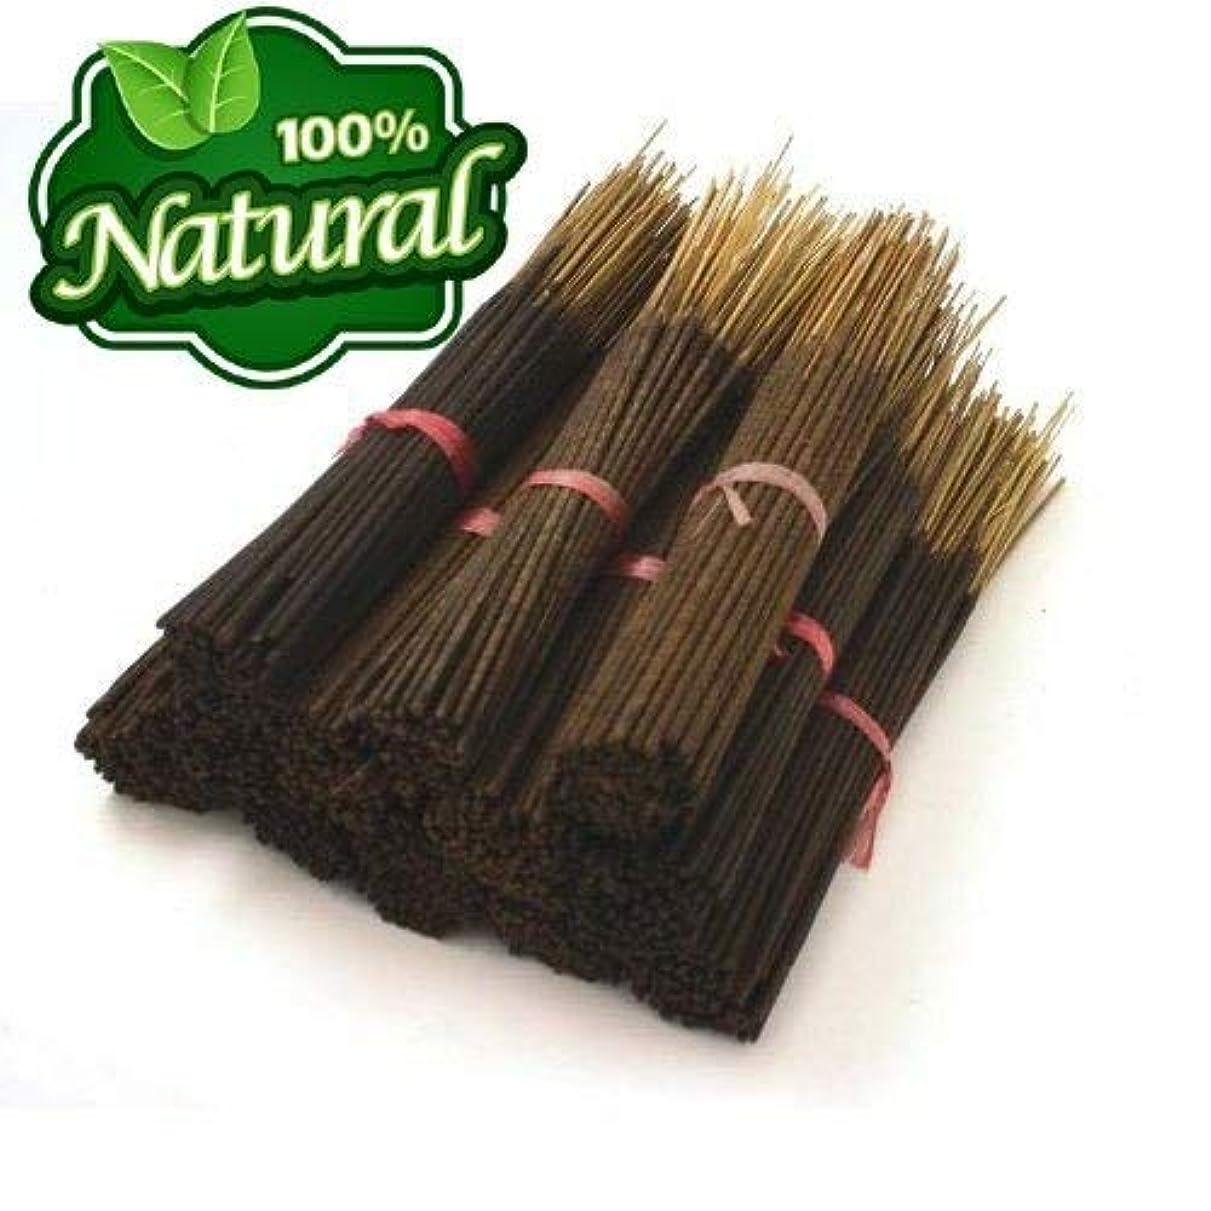 息子気晴らし論争Bless-Frankincense-and-Myrrh 100%-natural-incense-sticks Handmade-hand-dipped The-best-woods-scent-500-Pack-(100x5)